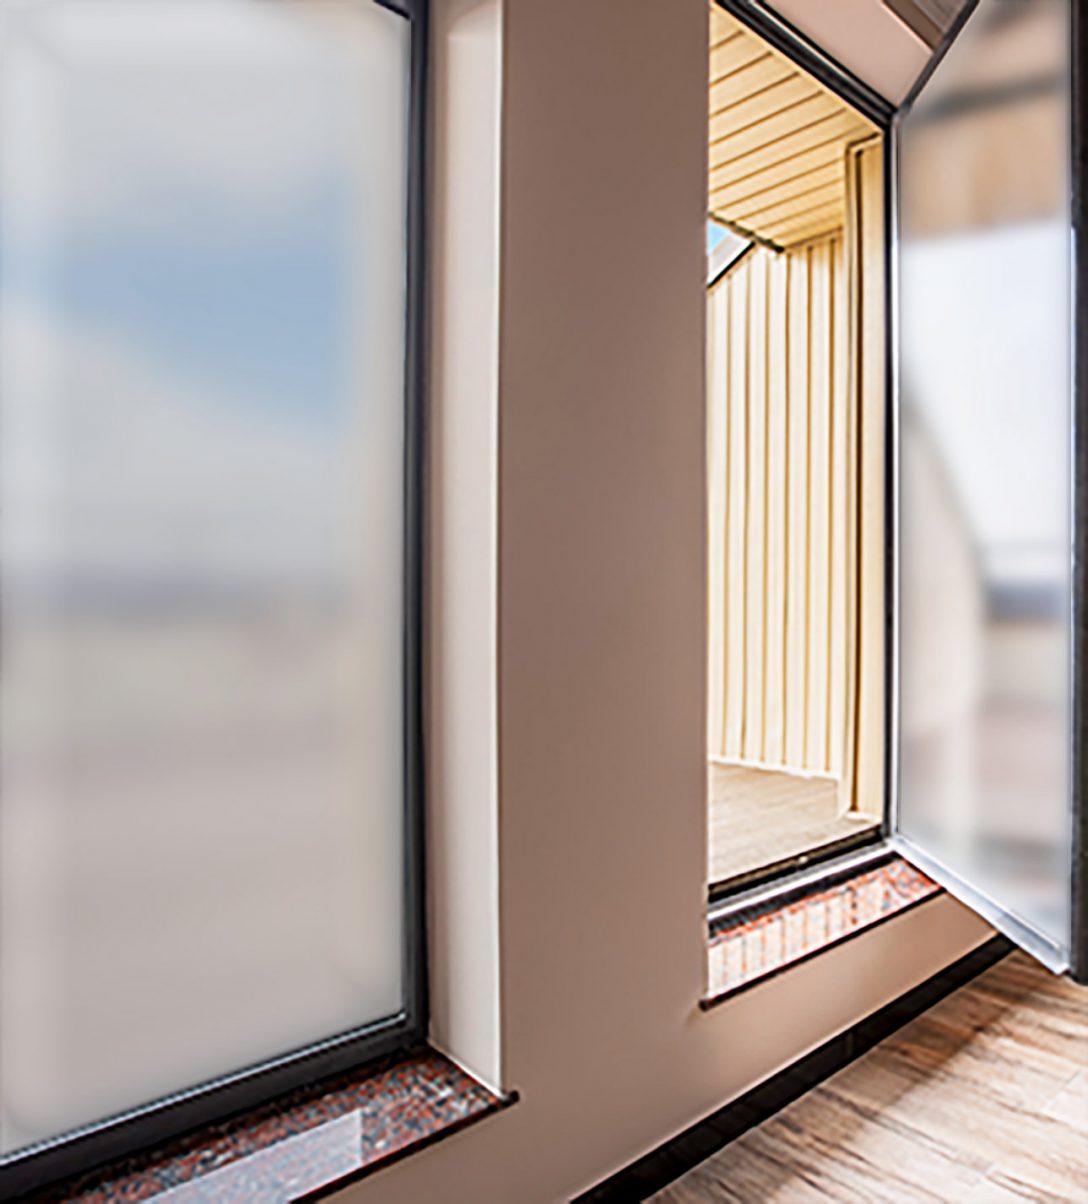 Large Size of Sichtschutzfolie Fenster Einseitig Durchsichtig Sonnenschutz Tag Und Nacht Abdichten Alarmanlagen Für Türen Weihnachtsbeleuchtung Erneuern Kbe Gebrauchte Fenster Sichtschutzfolie Fenster Einseitig Durchsichtig